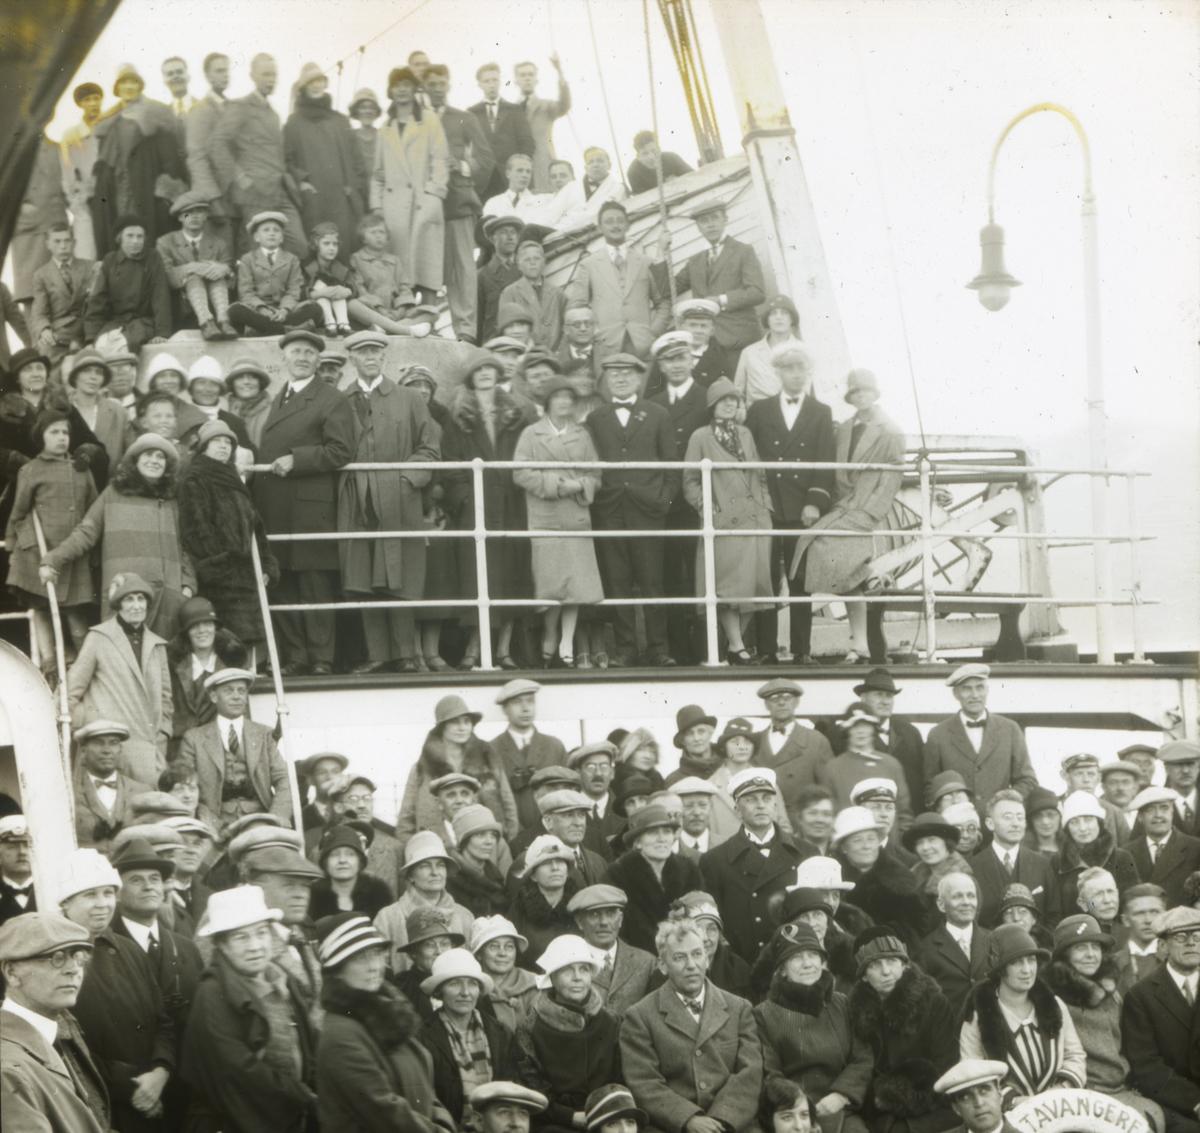 """Dias. Passasjerer på passasjerskipet """"DS Stavangerfjord"""" står oppstilt på dekk. Skipet tilhørte Den norske amerikalinje og ble sjøsatt 21. mai 1917 og satt i trafikk i april 1918."""